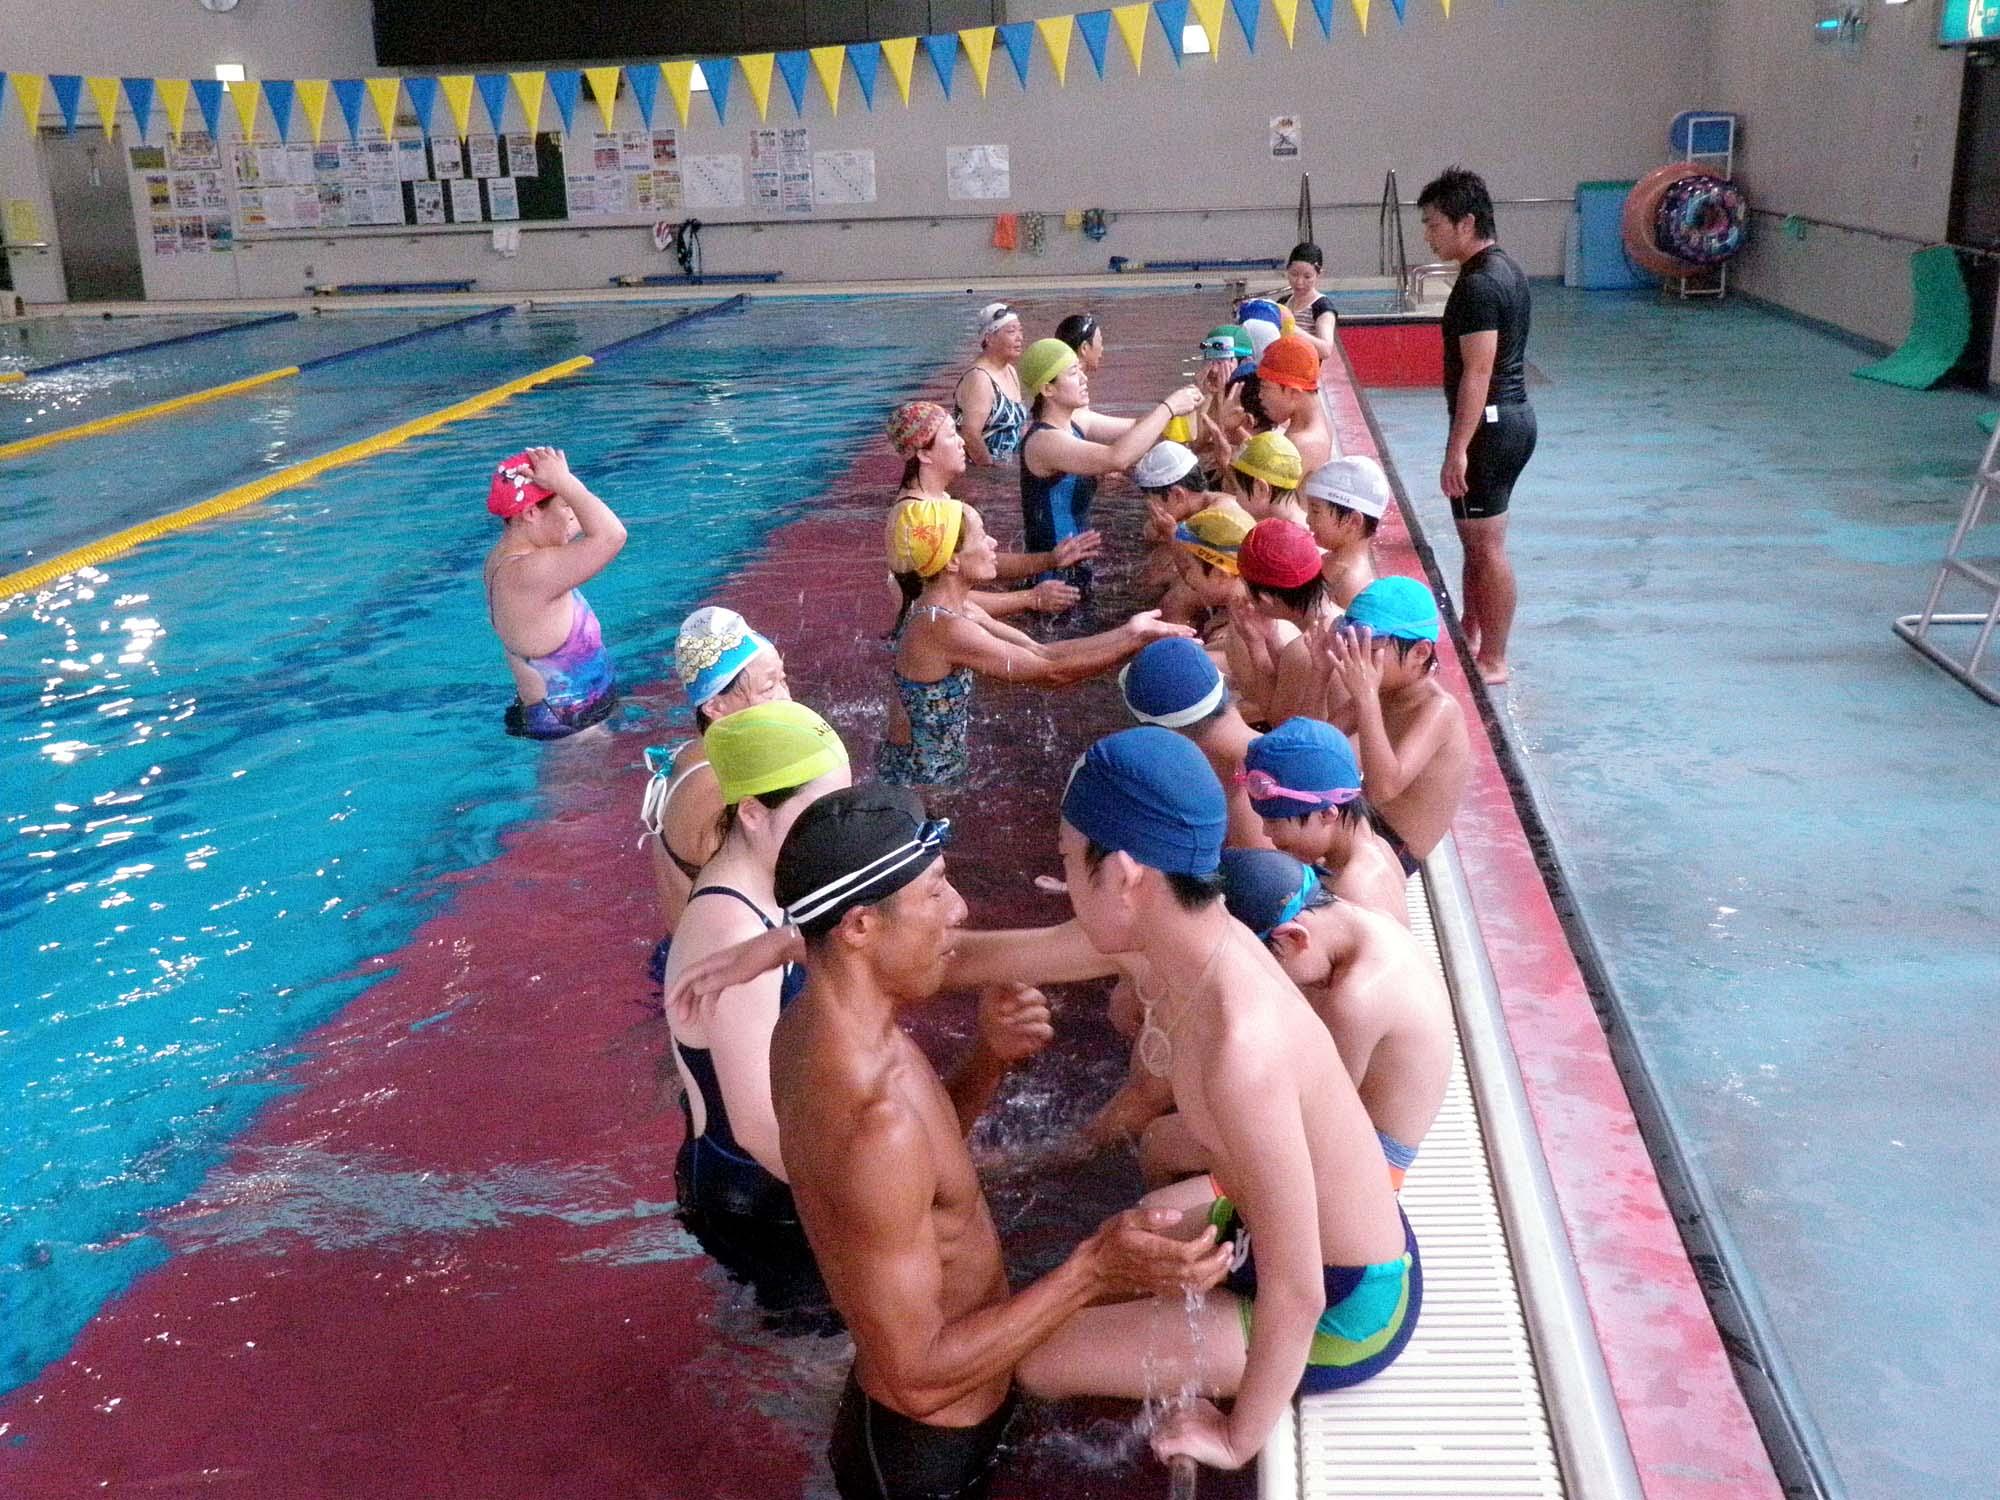 P8060507 - ジュニア水泳教室より ・・・教室はじまりました。